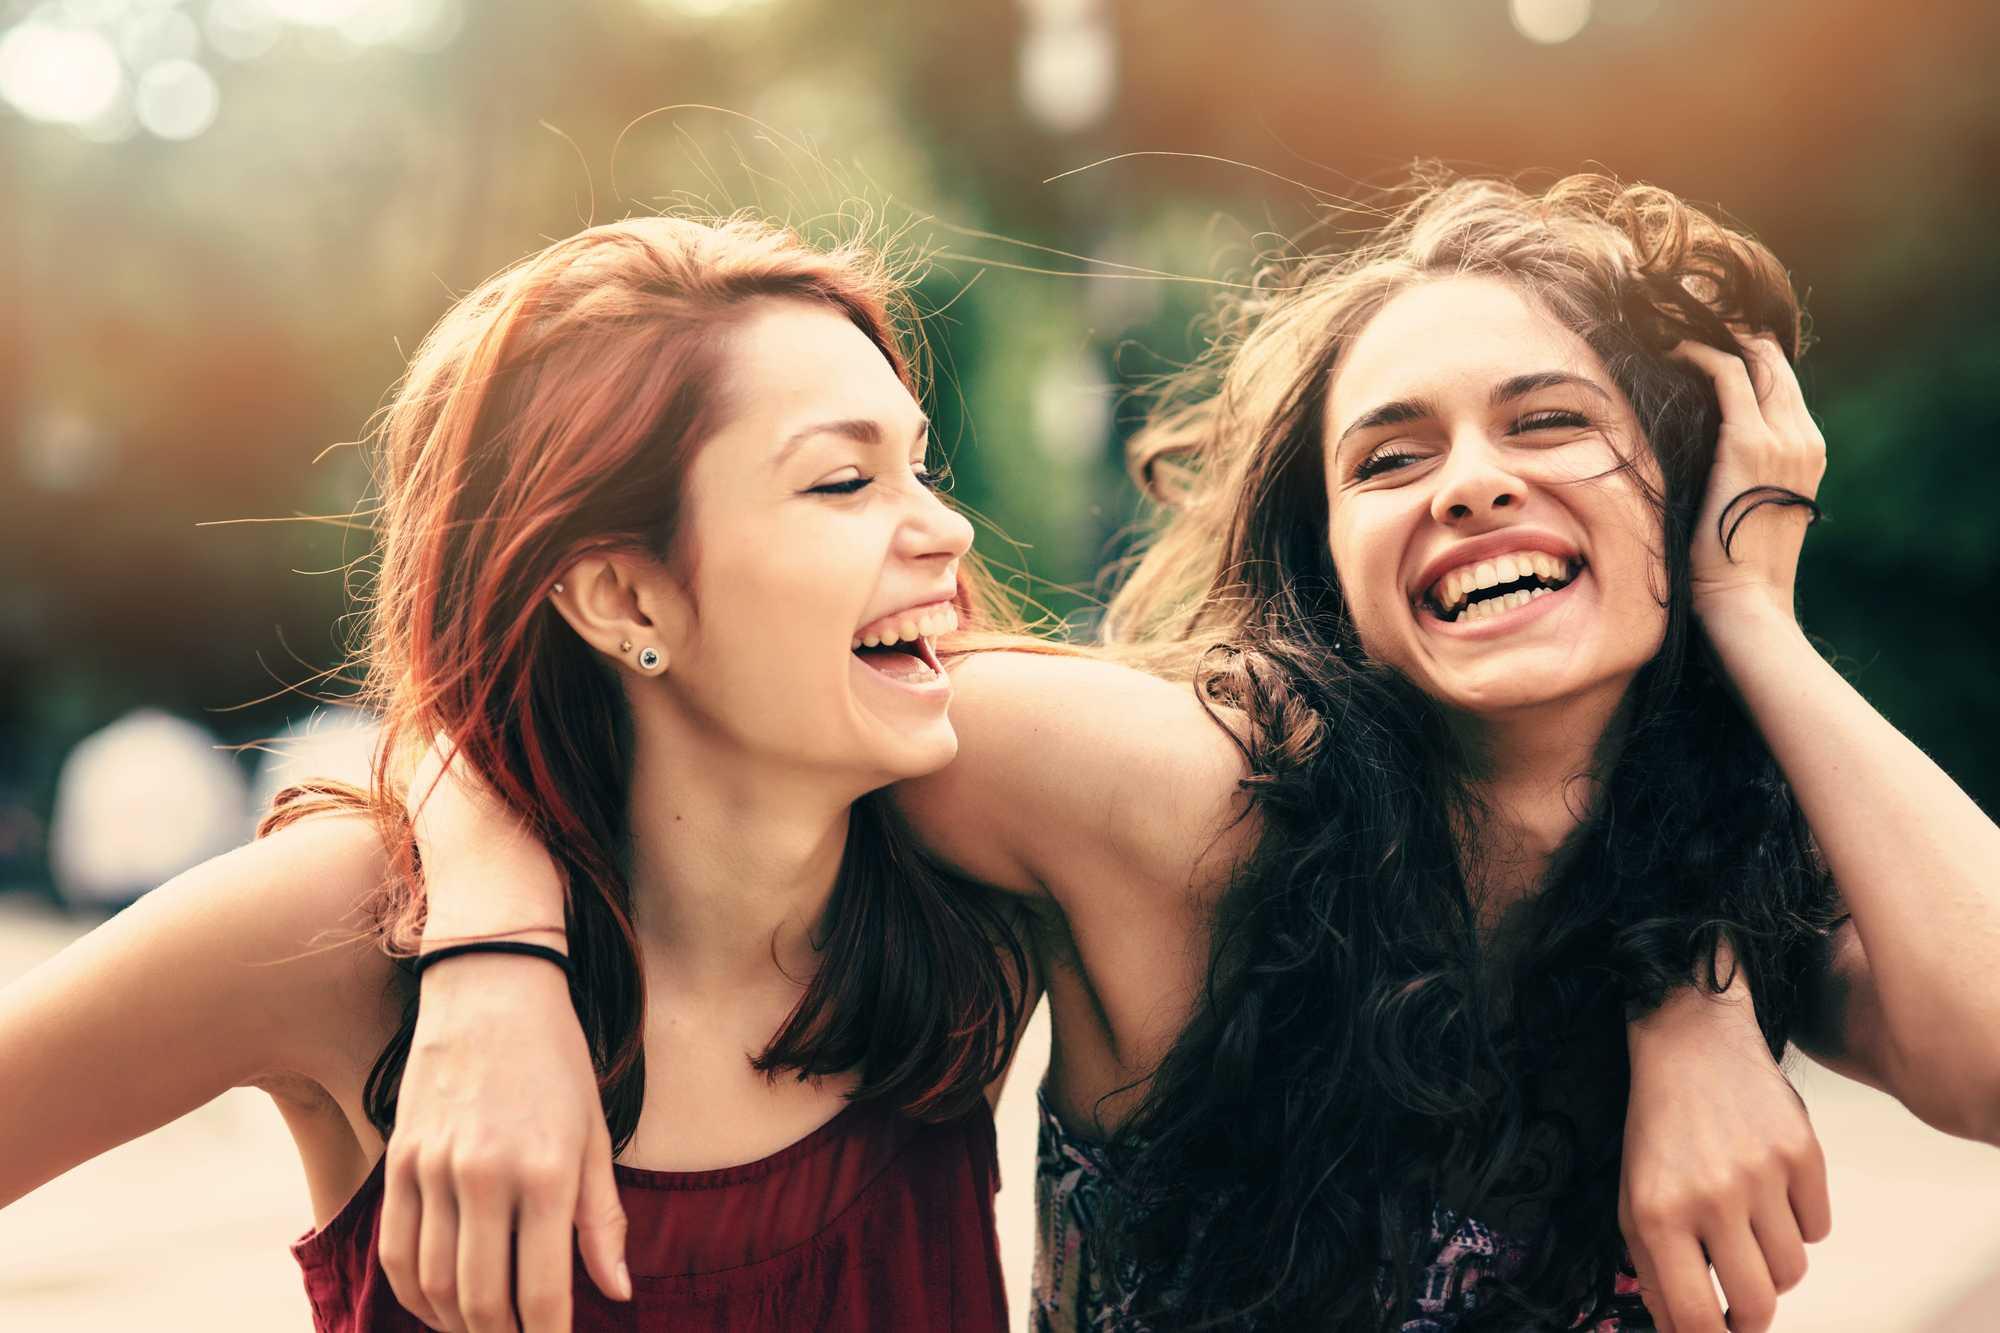 Фотки подруги для тройничка